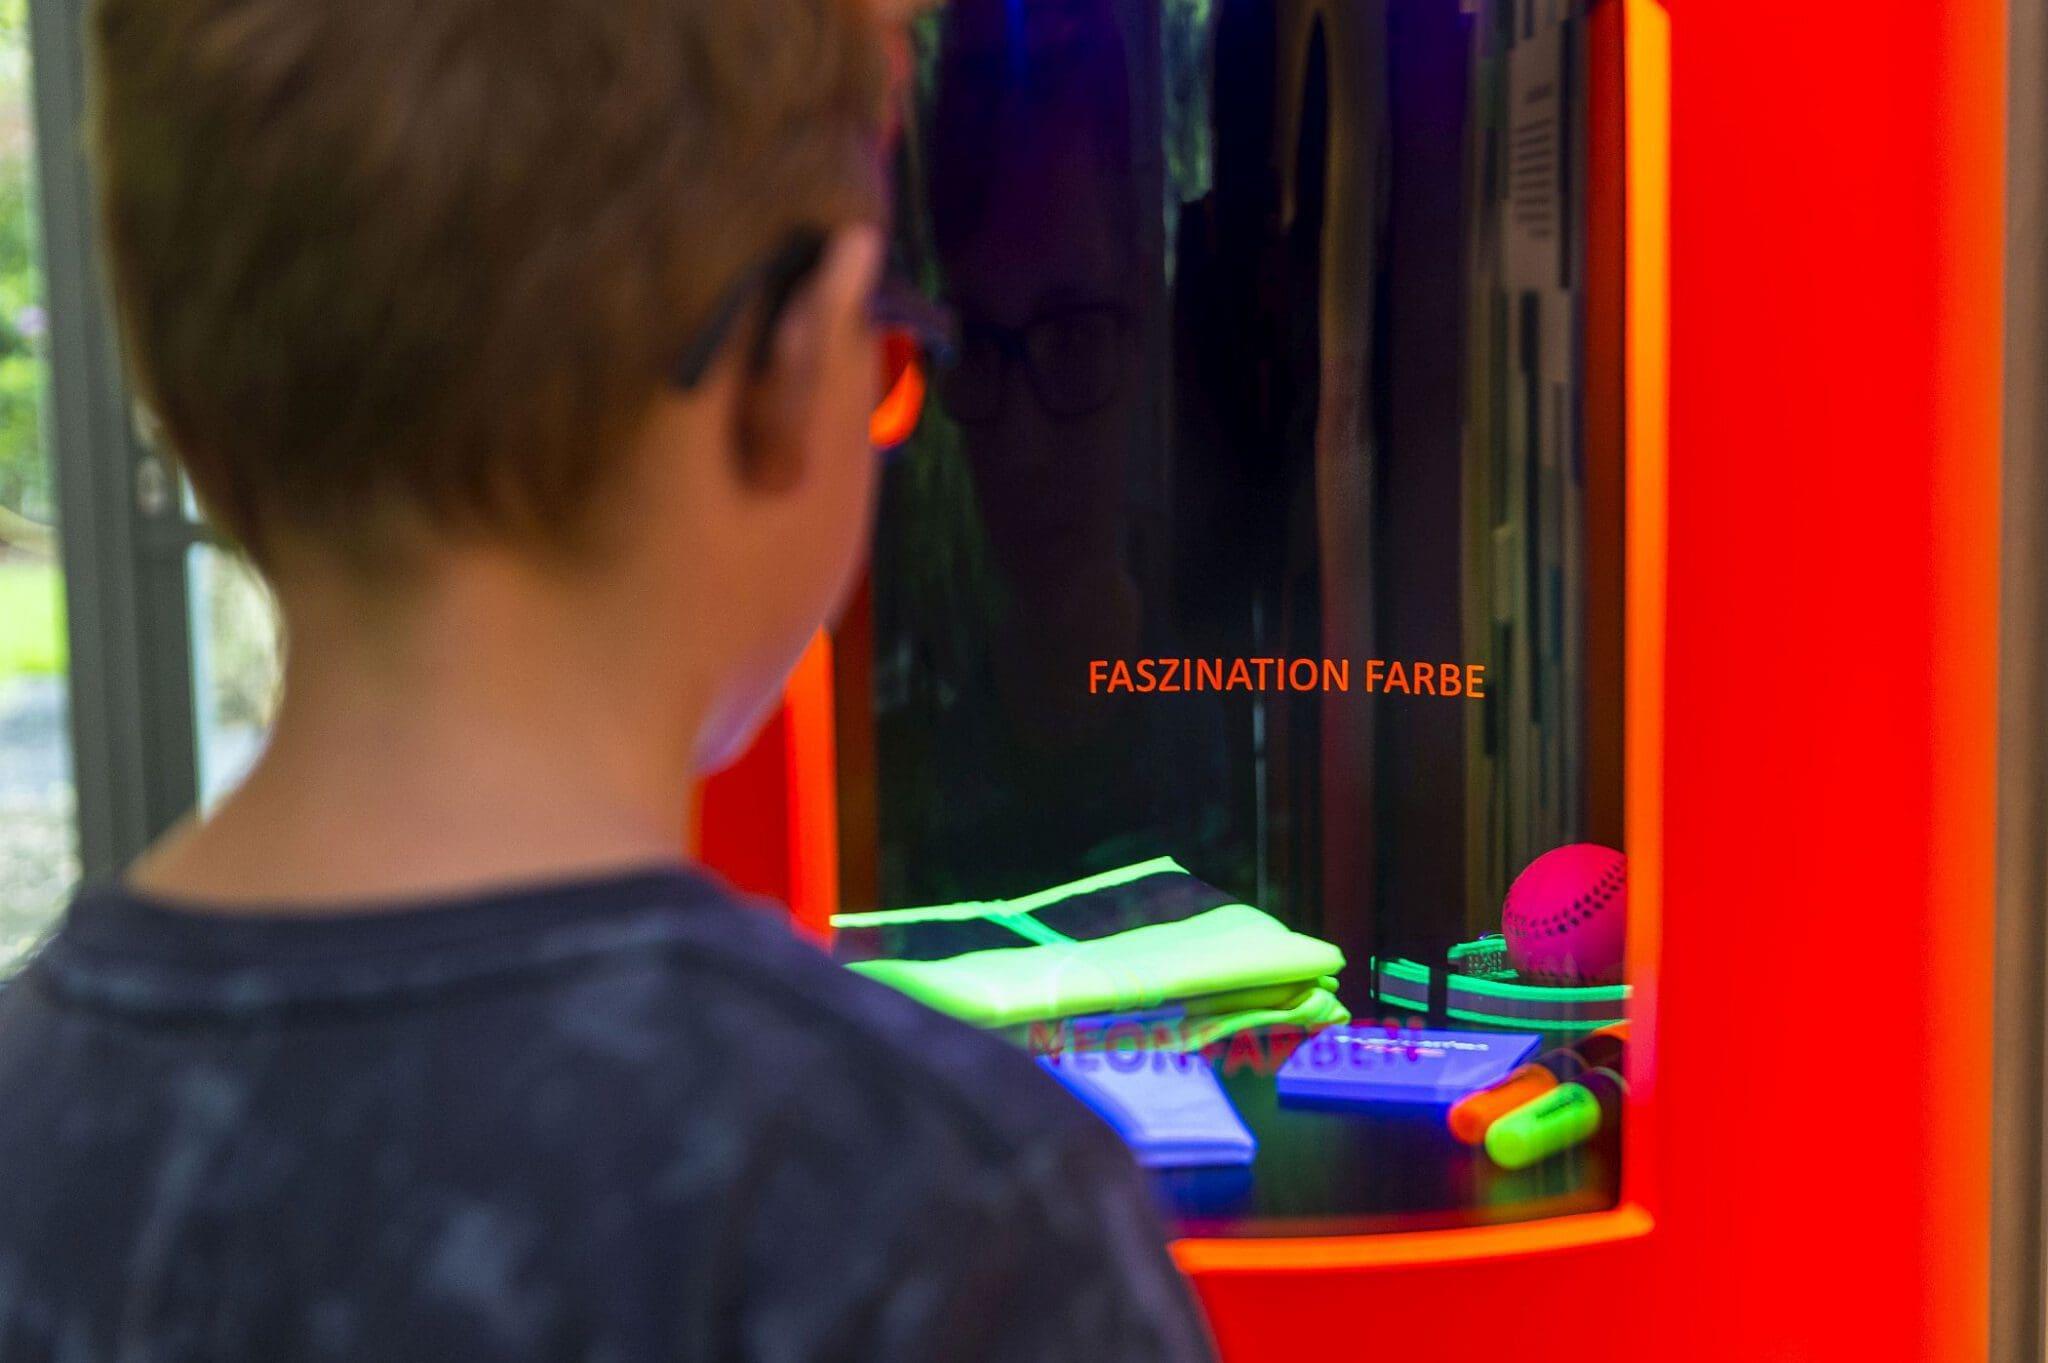 """In der Ausstellung """"Faszination Farbe"""" können Besucherinnen und Besucher die Wirkung von Neonfarben erleben - Foto Carl Bosch Museum"""